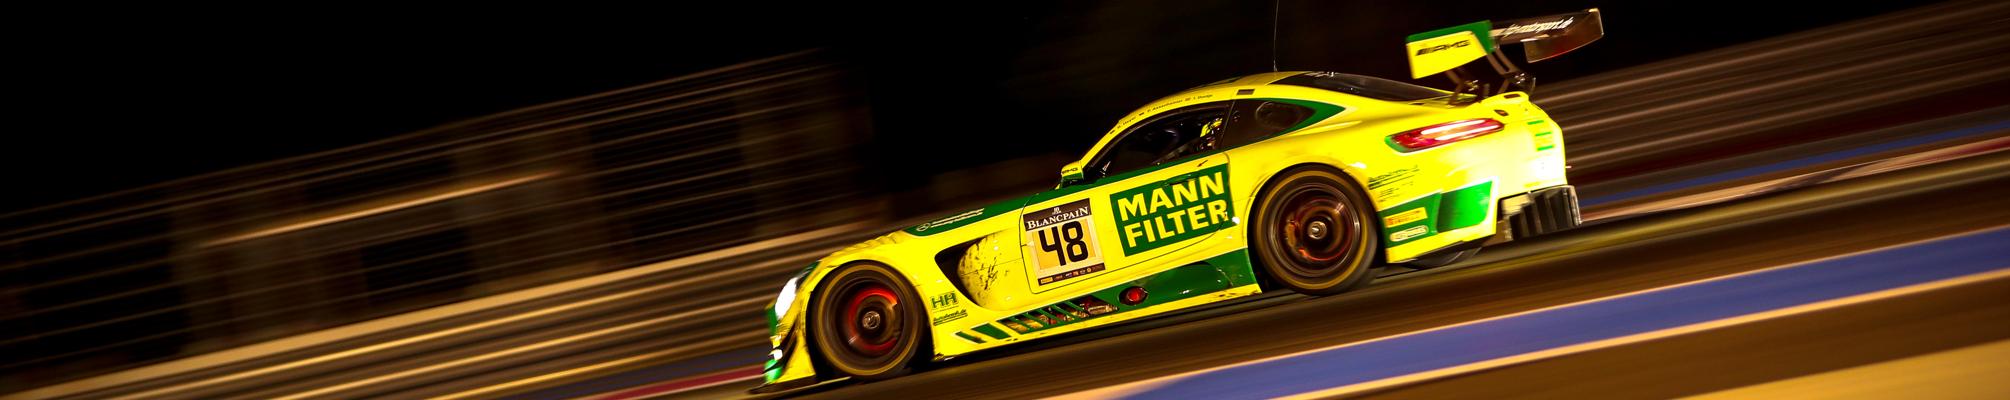 MANN-FILTER AMG GT